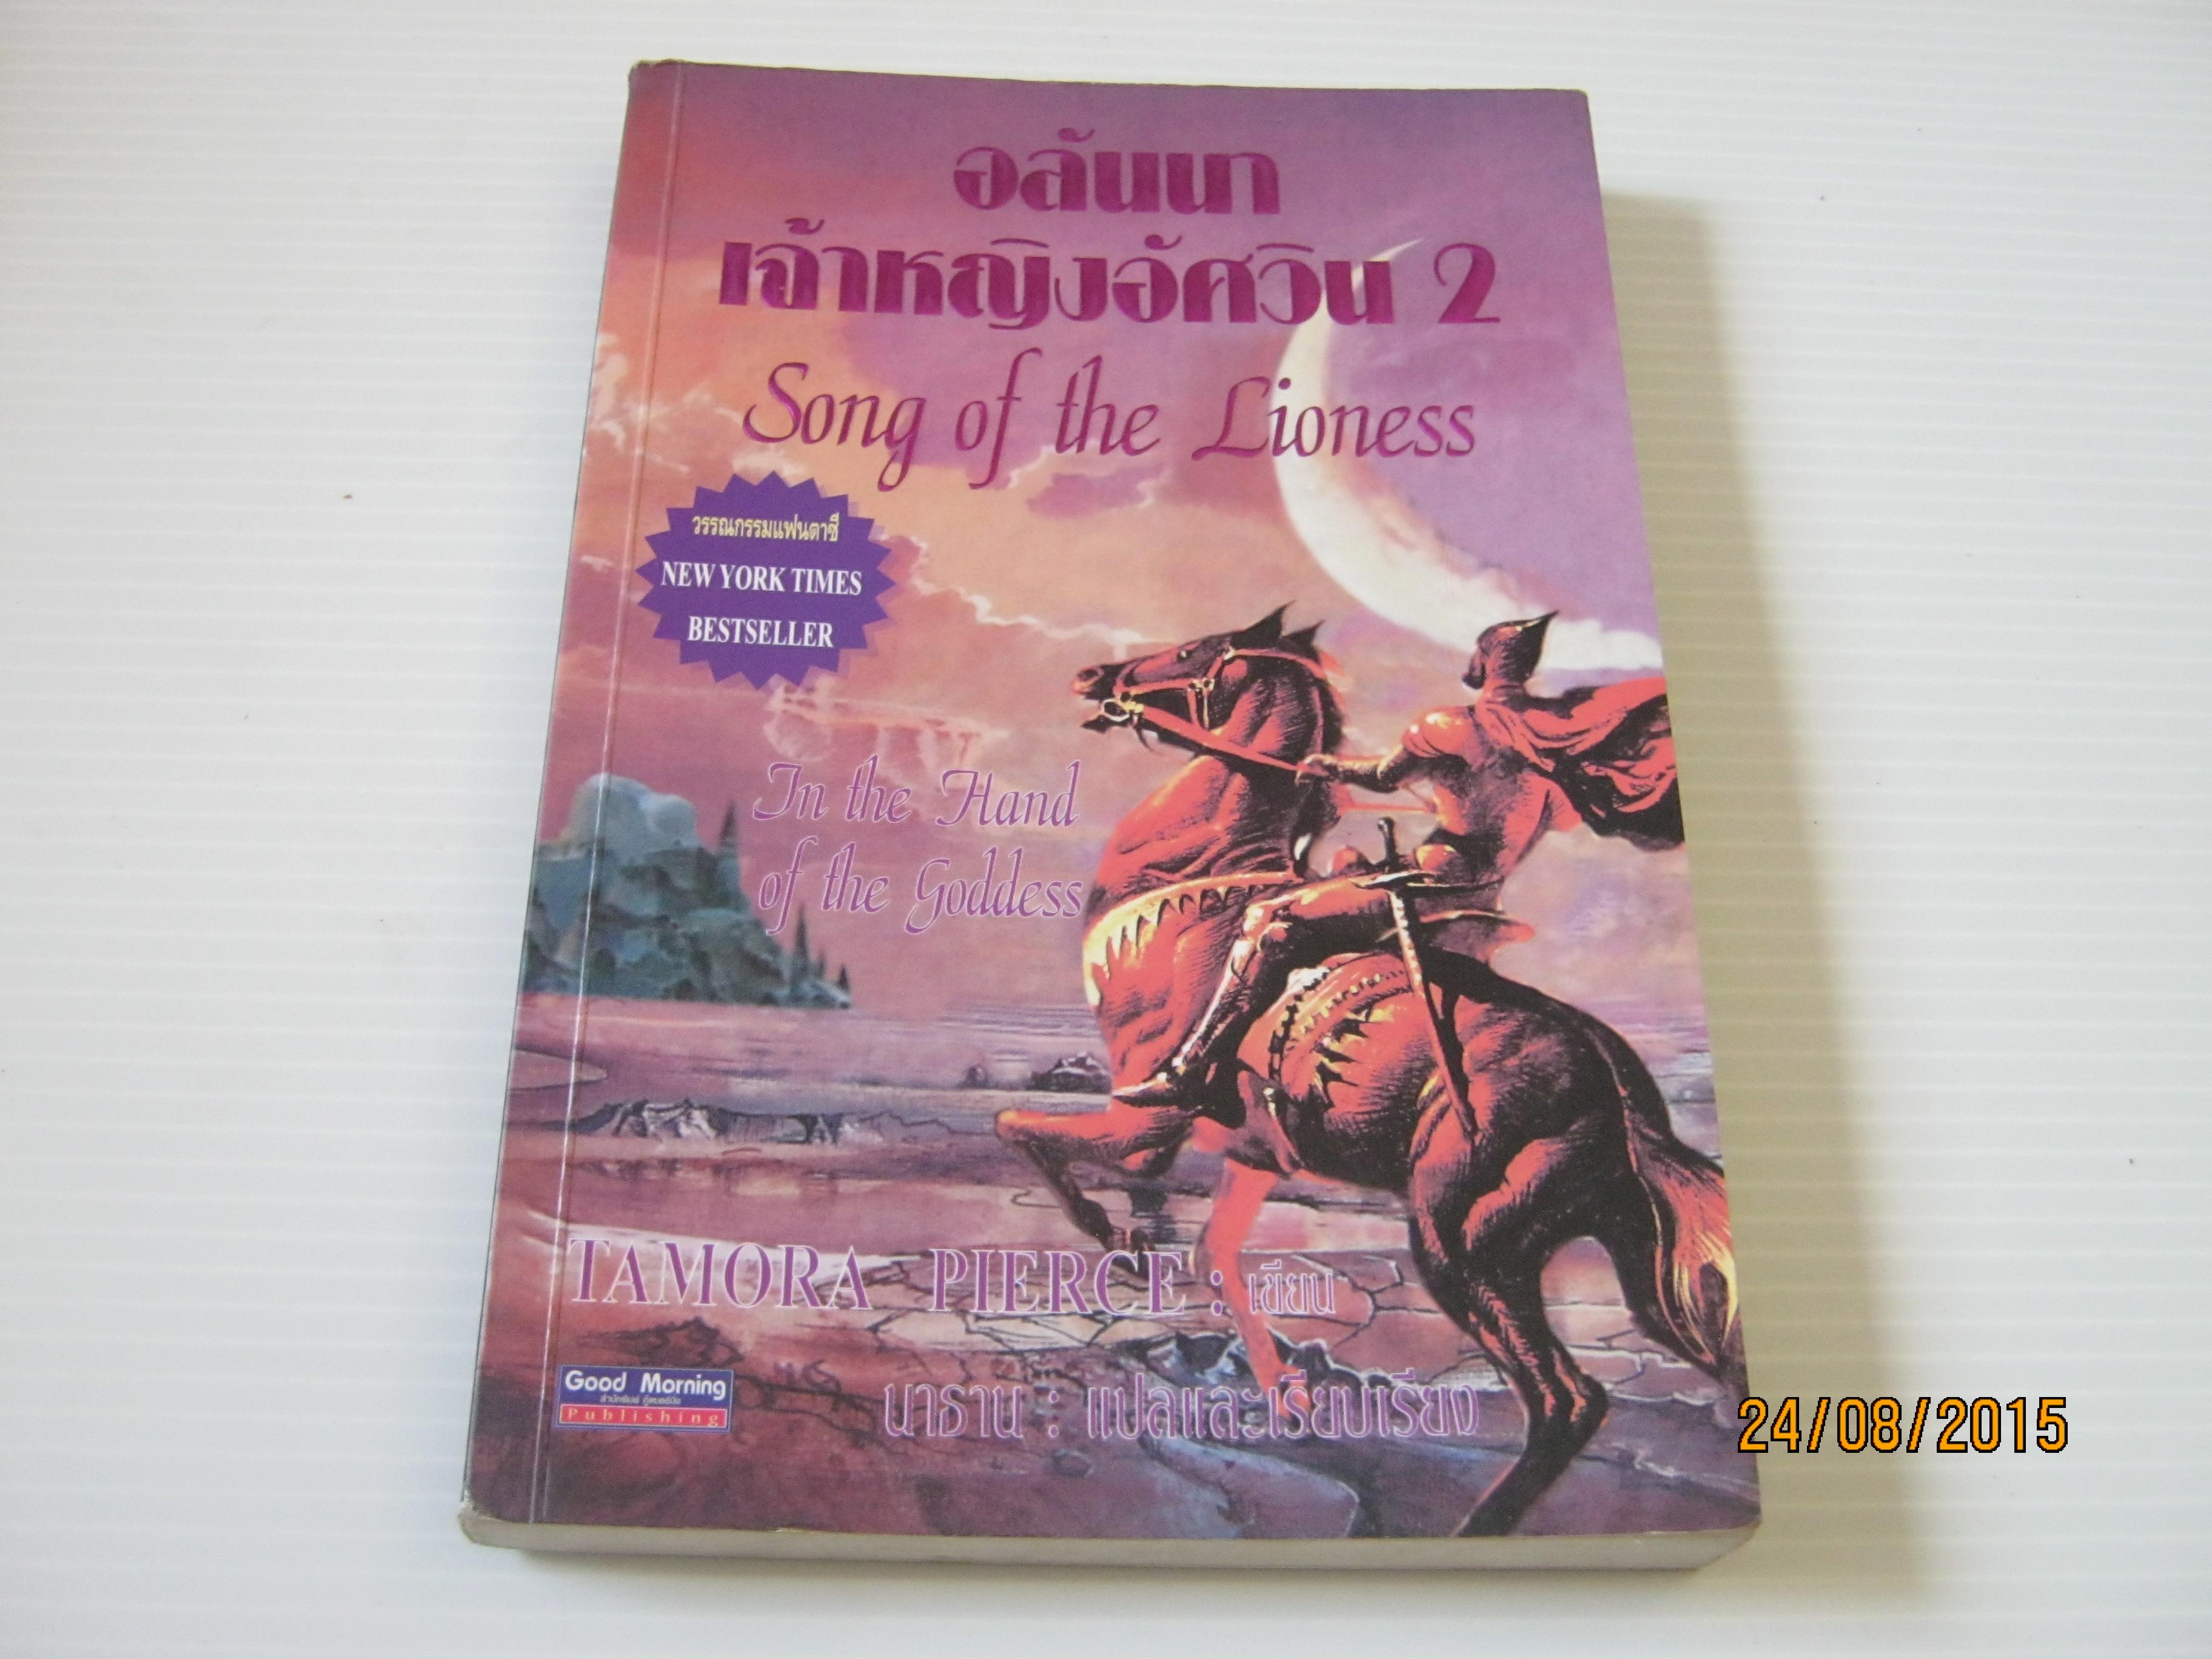 อลันนา เจ้าหญิงอัศวิน 2 (Song of hte Lioness) Tamora Pierce เขียน นาธาน แปลและเรียบเรียง